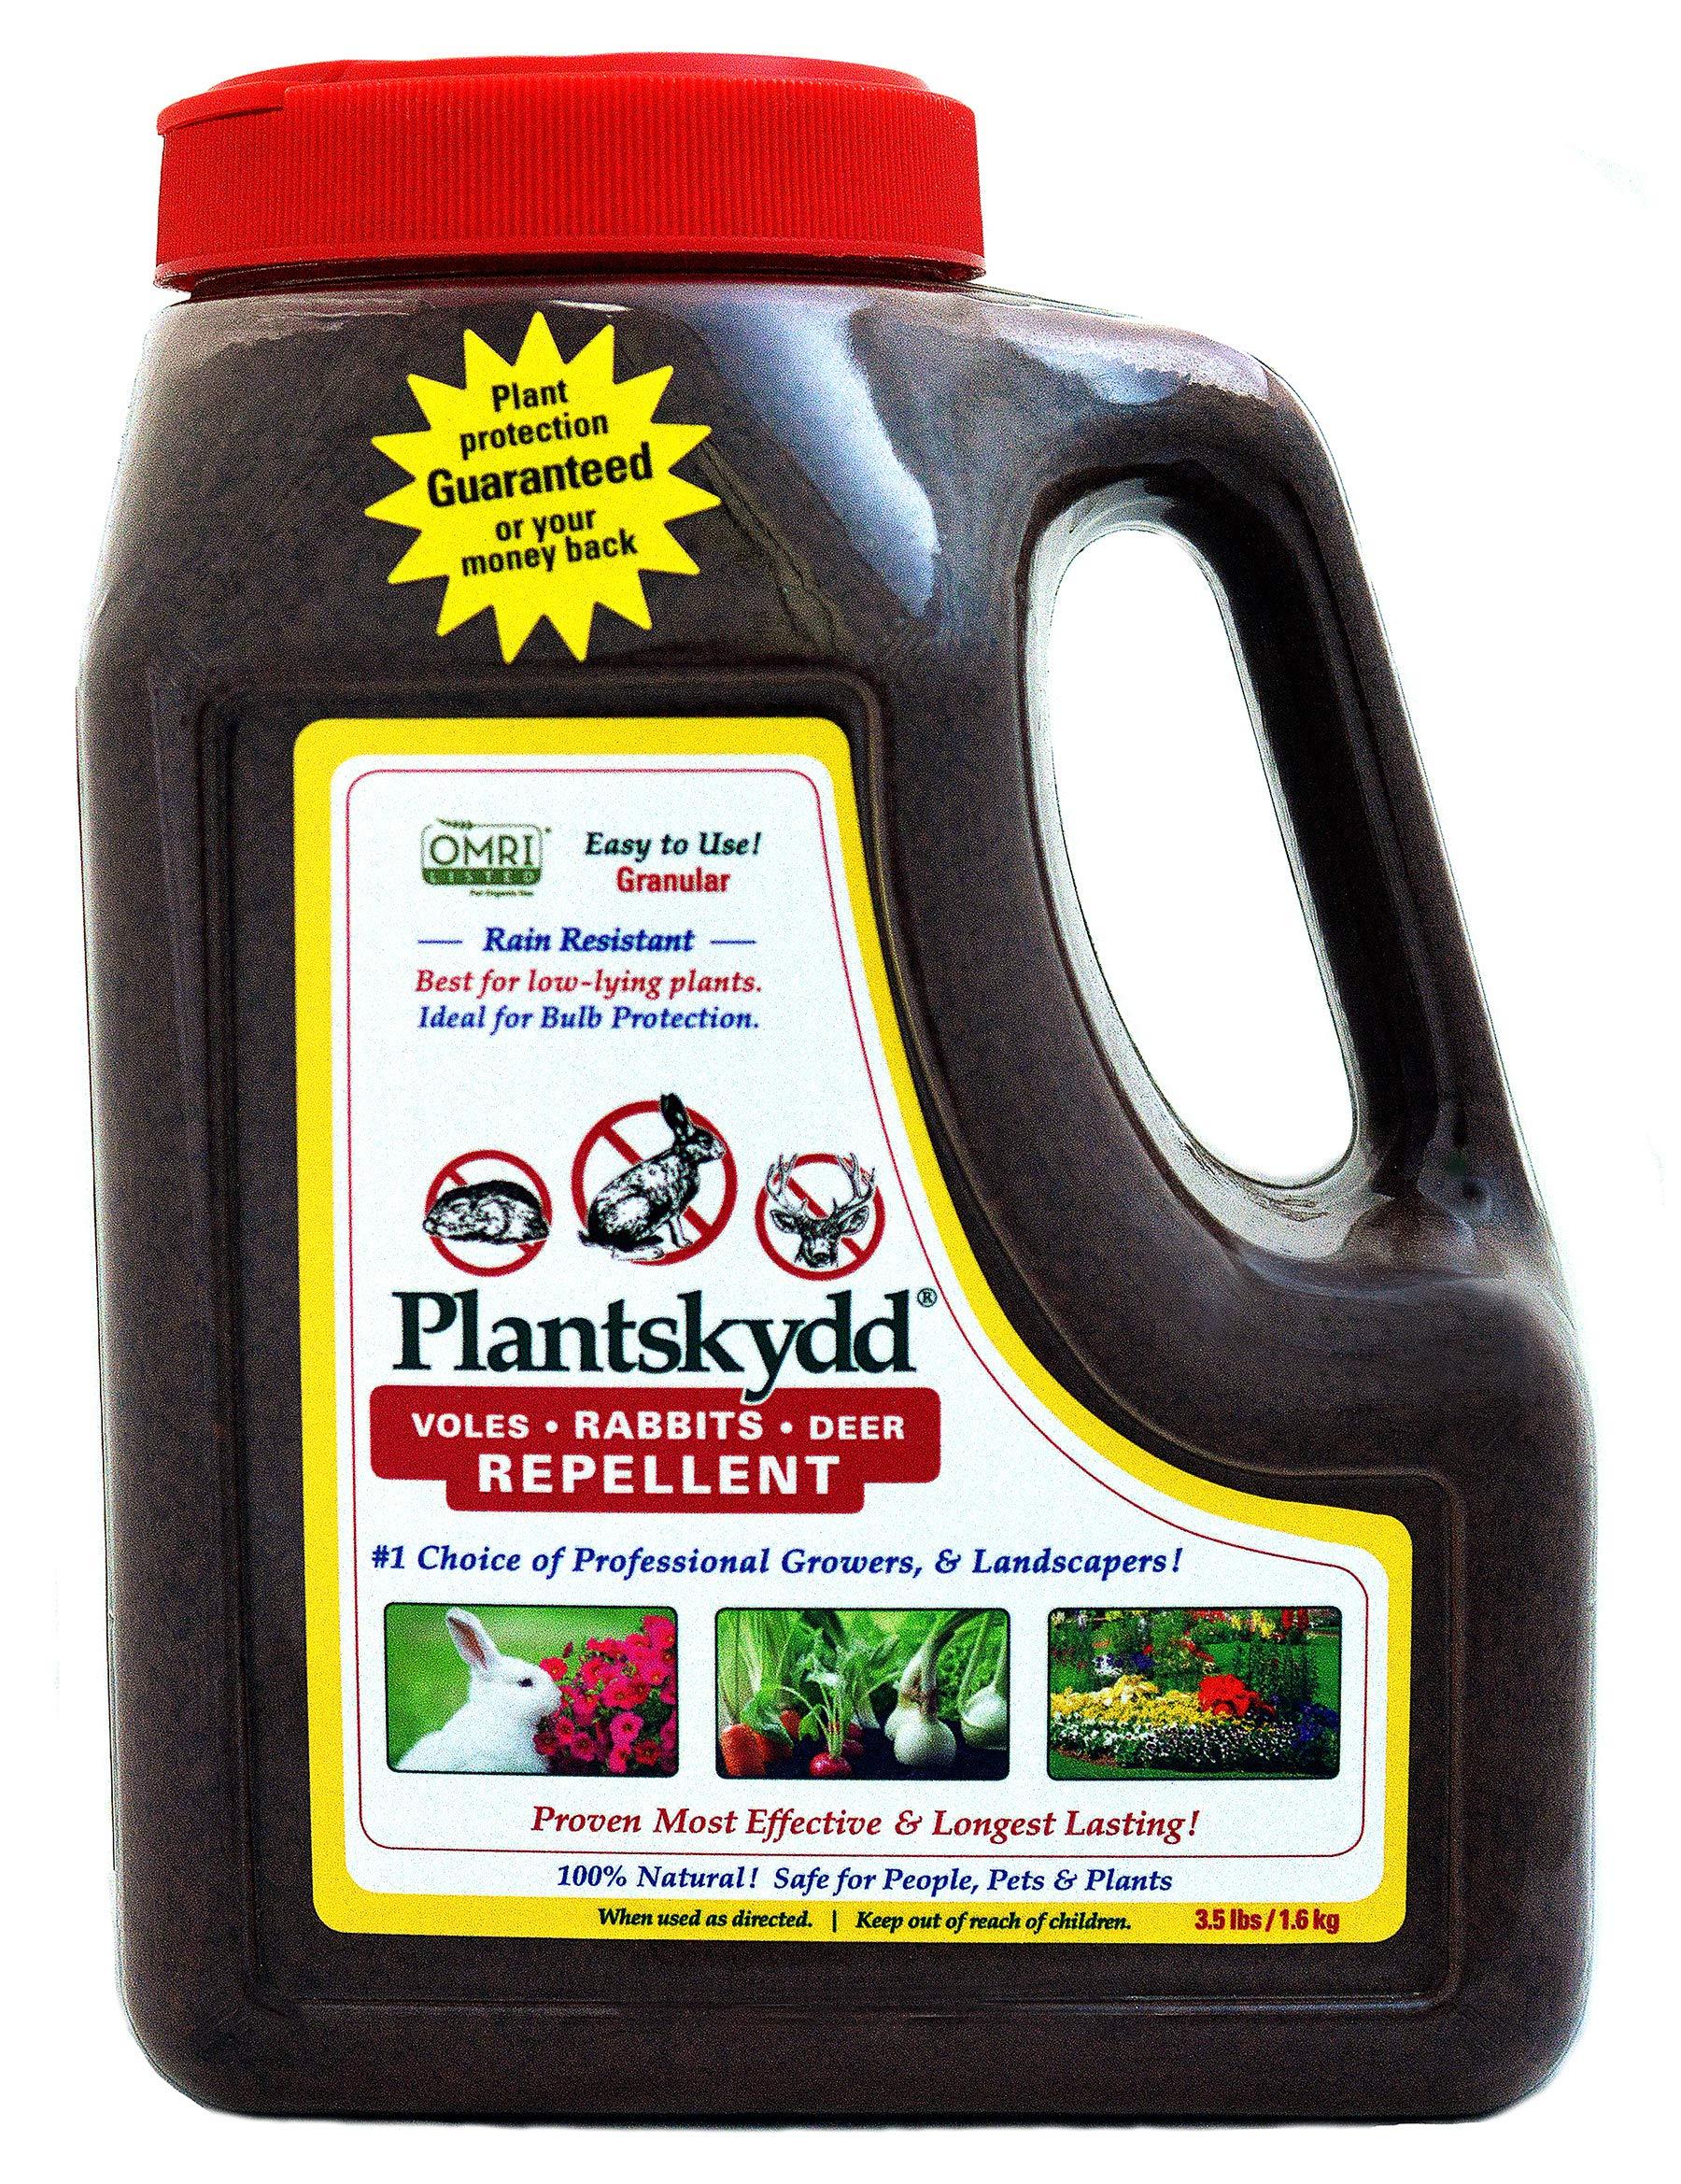 Plantskydd Animal Repellent - Repels Deer, Rabbits, Elk, Moose, Hares, Voles, Squirrels, Chipmunks and Other Herbivores; Organic Granular - 3.5 LB Shaker Jug (PS-VRD-3)